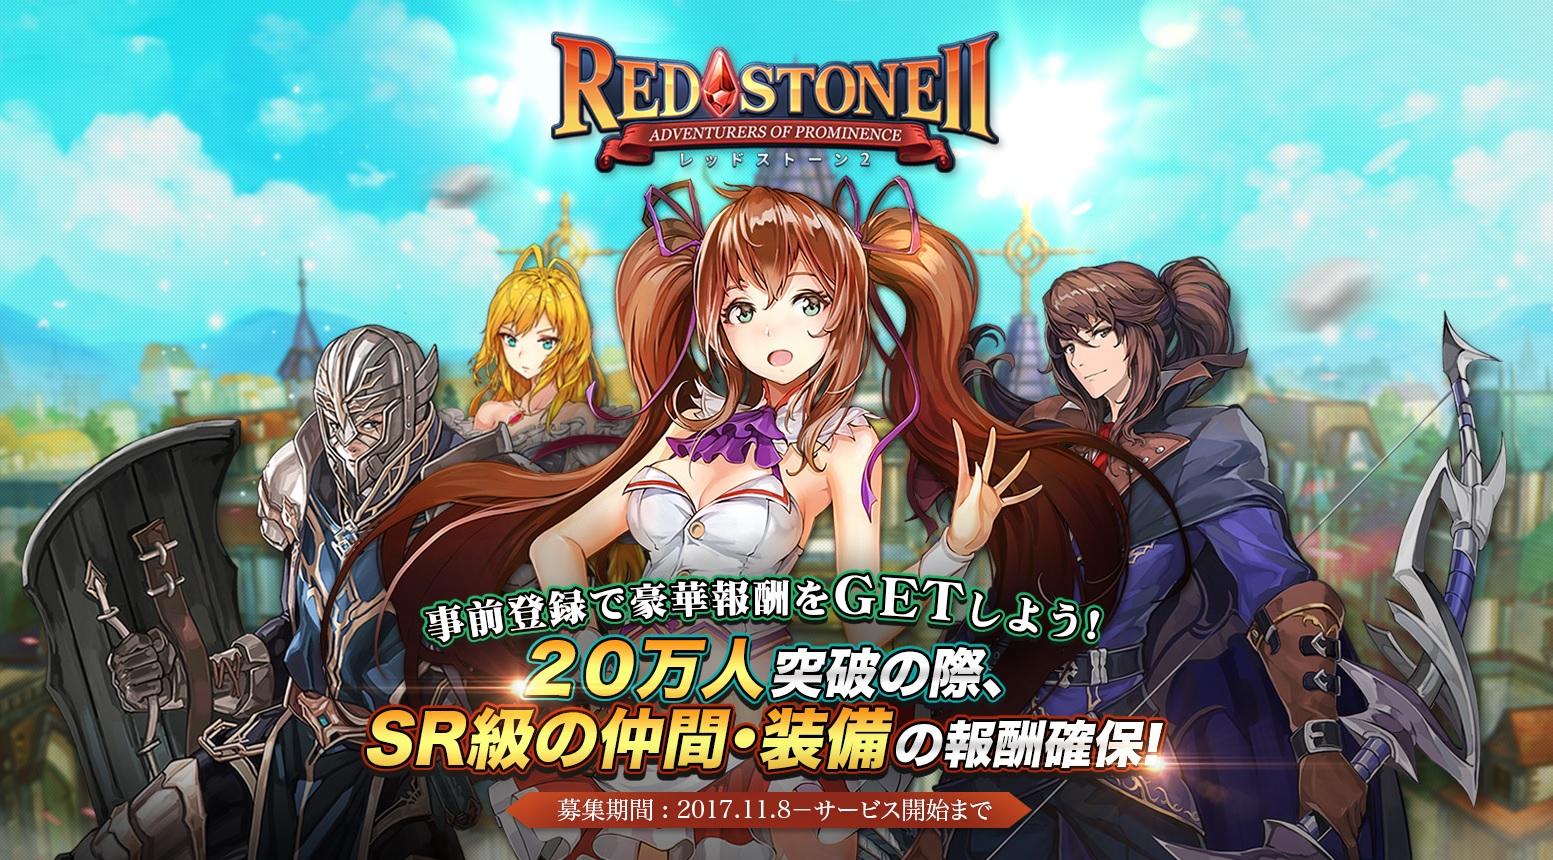 知名線上遊戲《REDSTONE》續篇動作手機遊戲《REDSTONE 2》推出日版!事前登錄今日展開